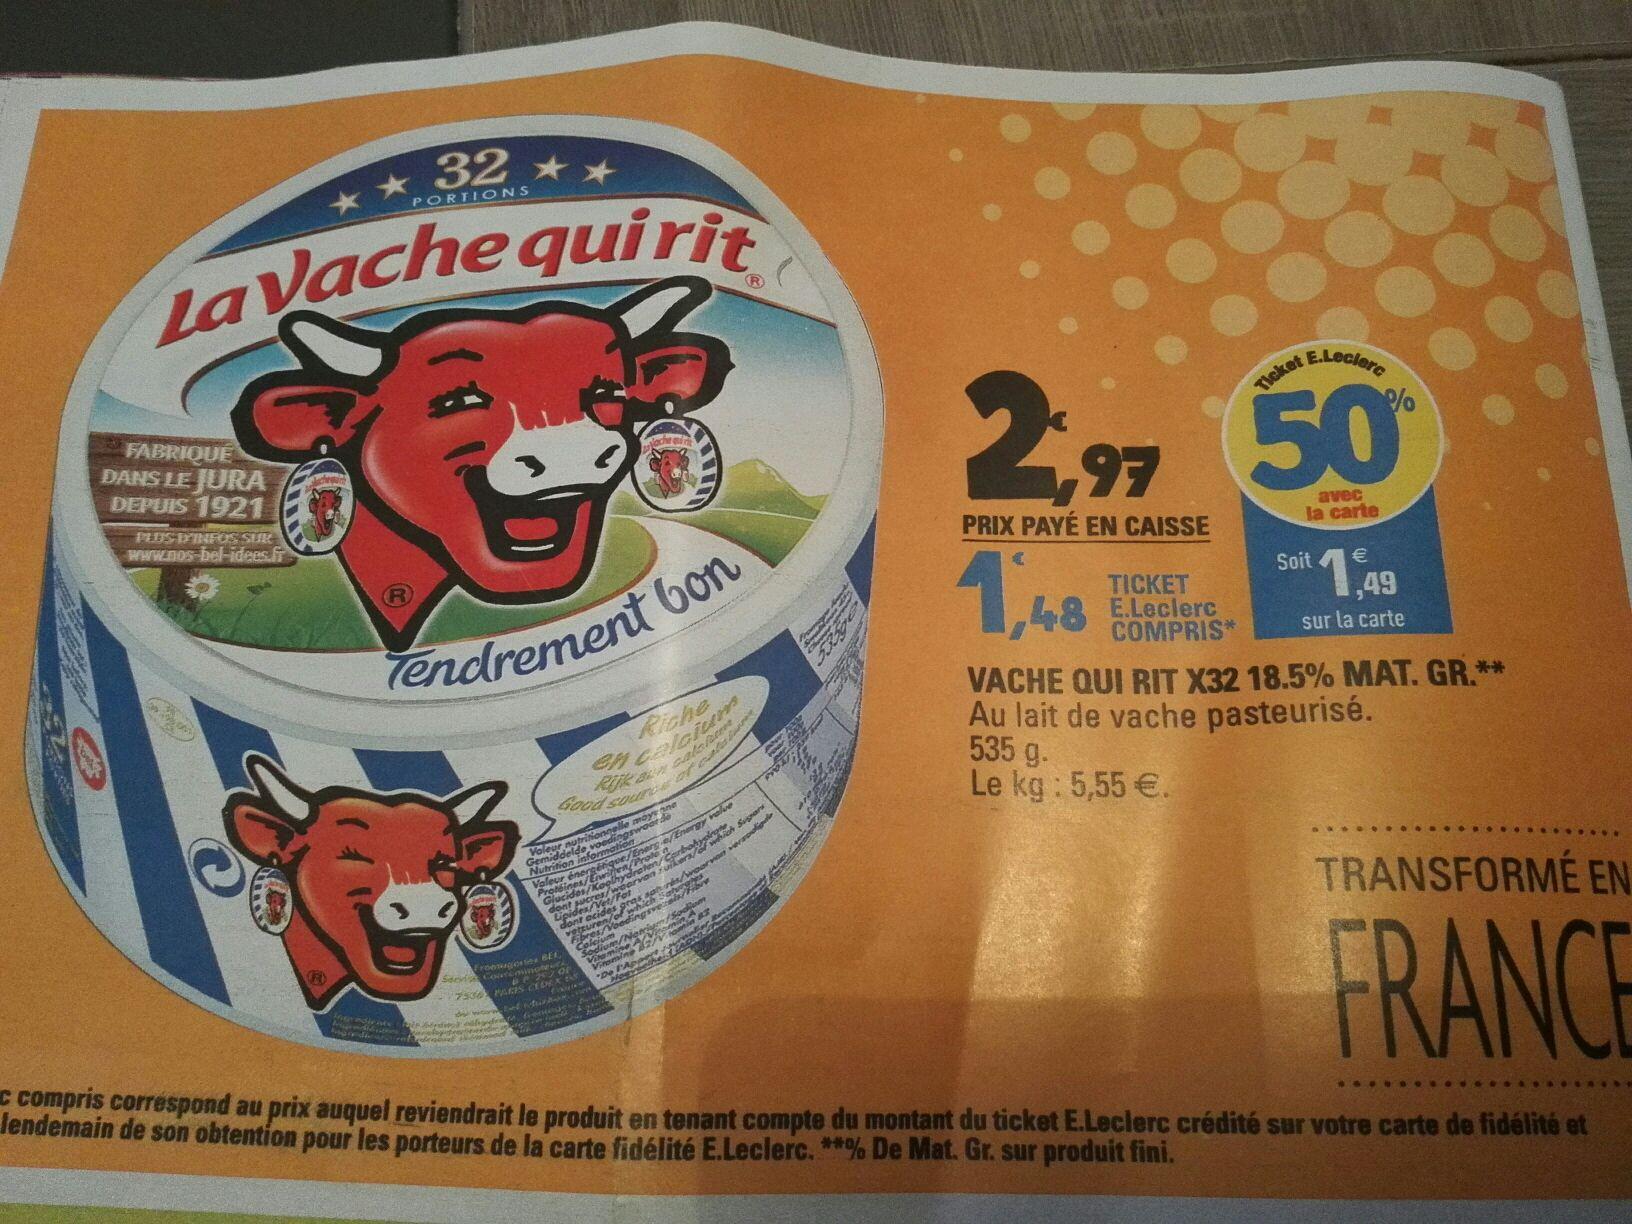 Sélection de produits en promotion - Ex: 2 Boîte de 32 portions La Vache Qui Rit (Via 50% sur la carte de fidélité + BDR)